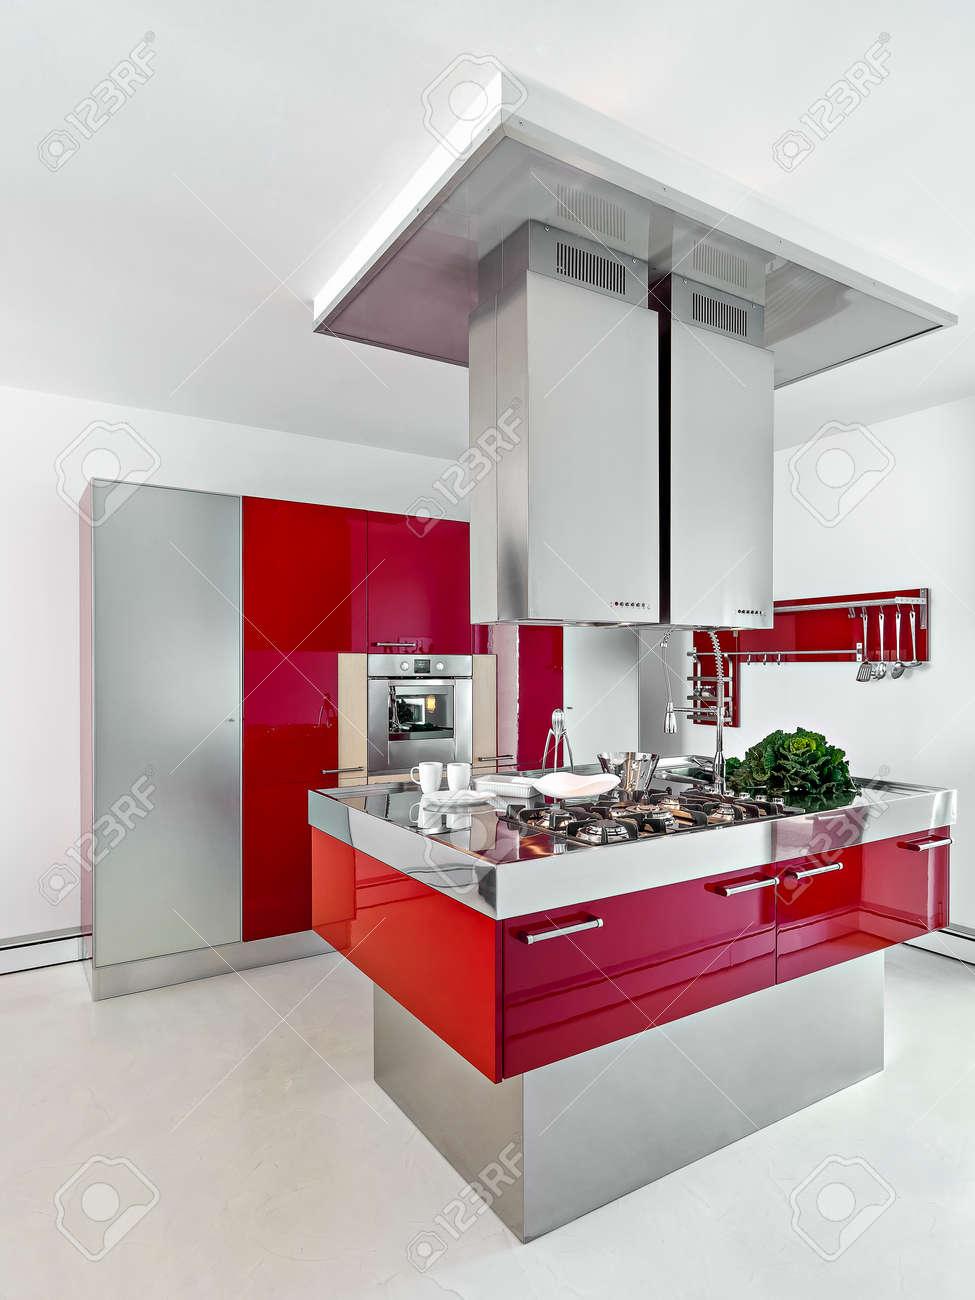 Immagini Stock - Tra Vista Di Una Cucina Moderna Con Mobili Rosso In ...